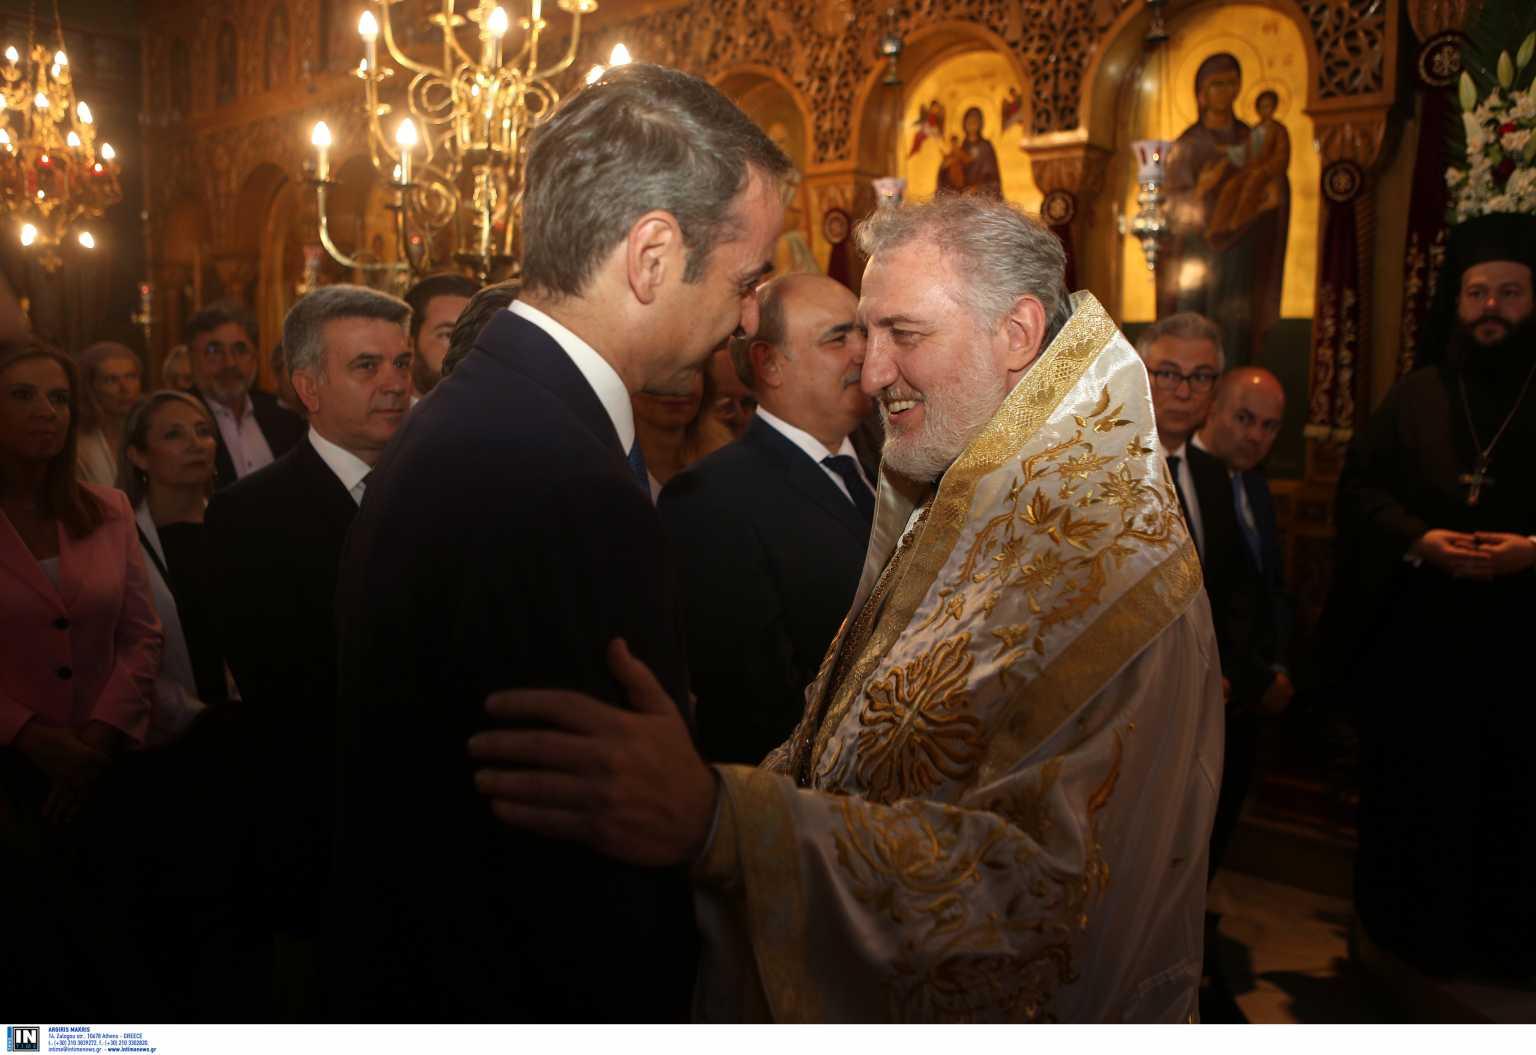 Συνάντηση Κυριάκου Μητσοτάκη – Αρχιεπίσκοπου Ελπιδοφόρου στις 20:00